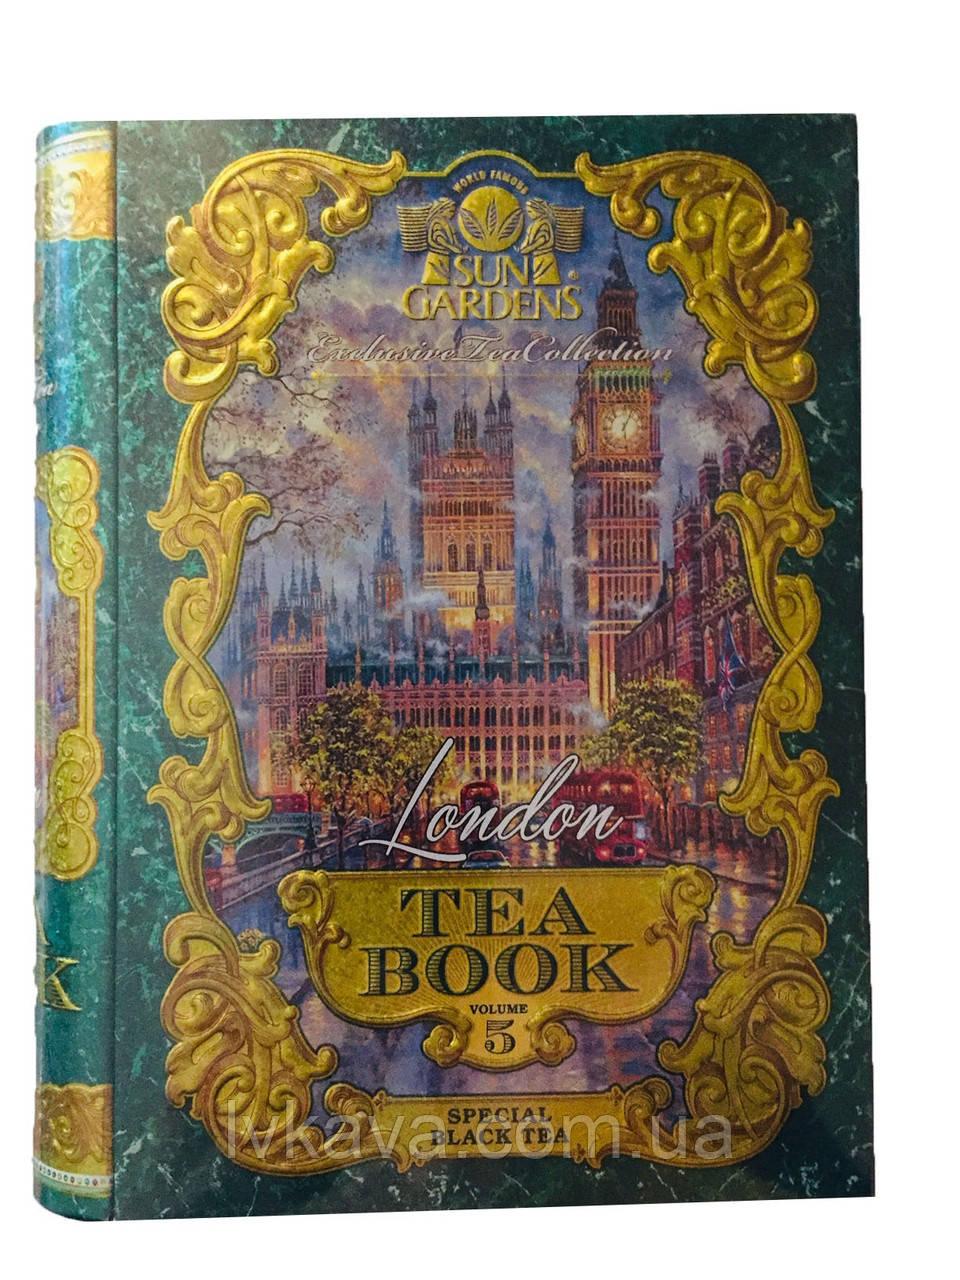 Чай черный London Tea Book, том 5 Sun Gardens,ж\б, 100 гр